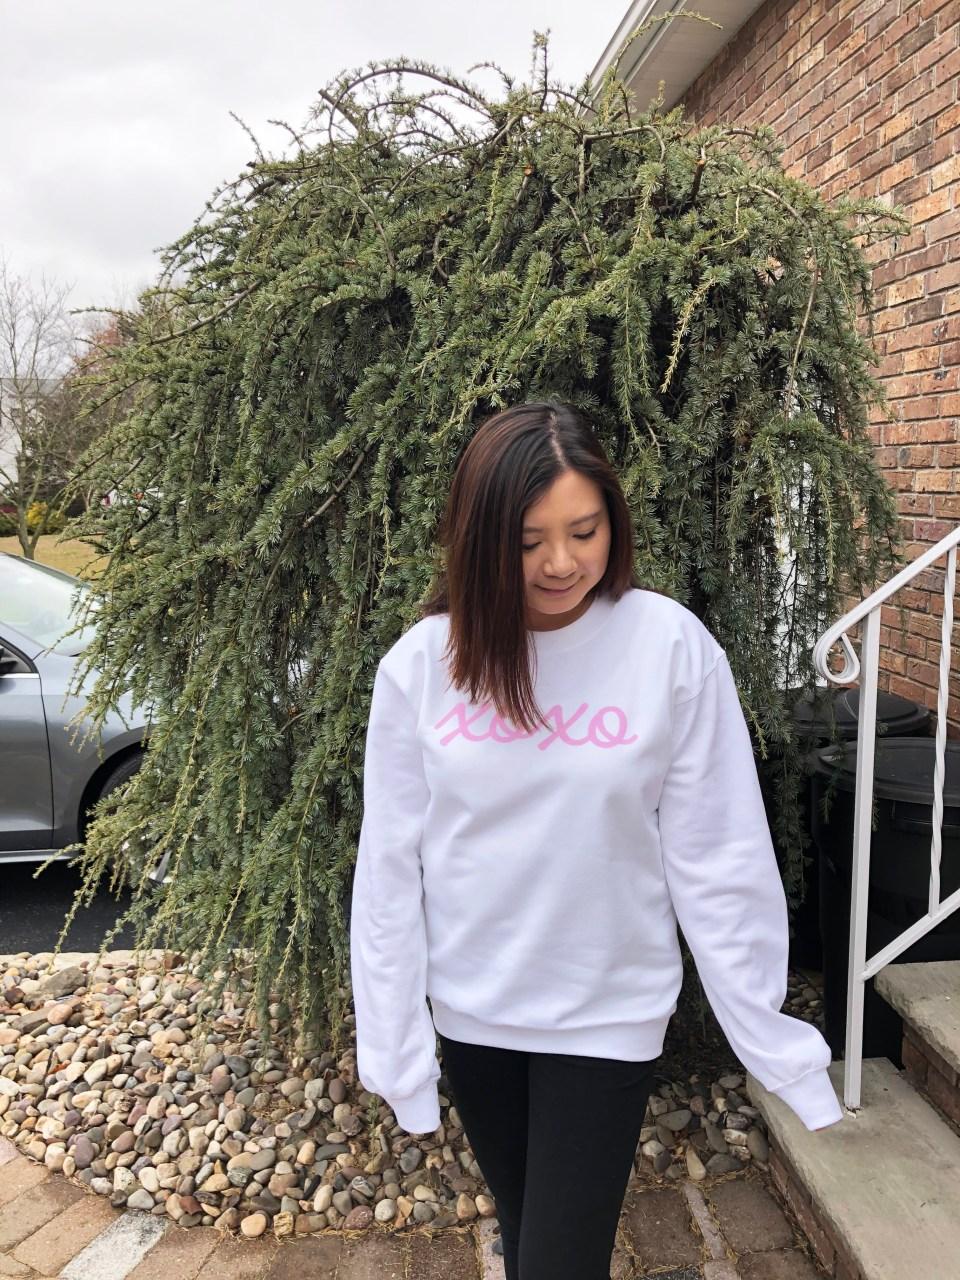 xoxo sweatshirt 12